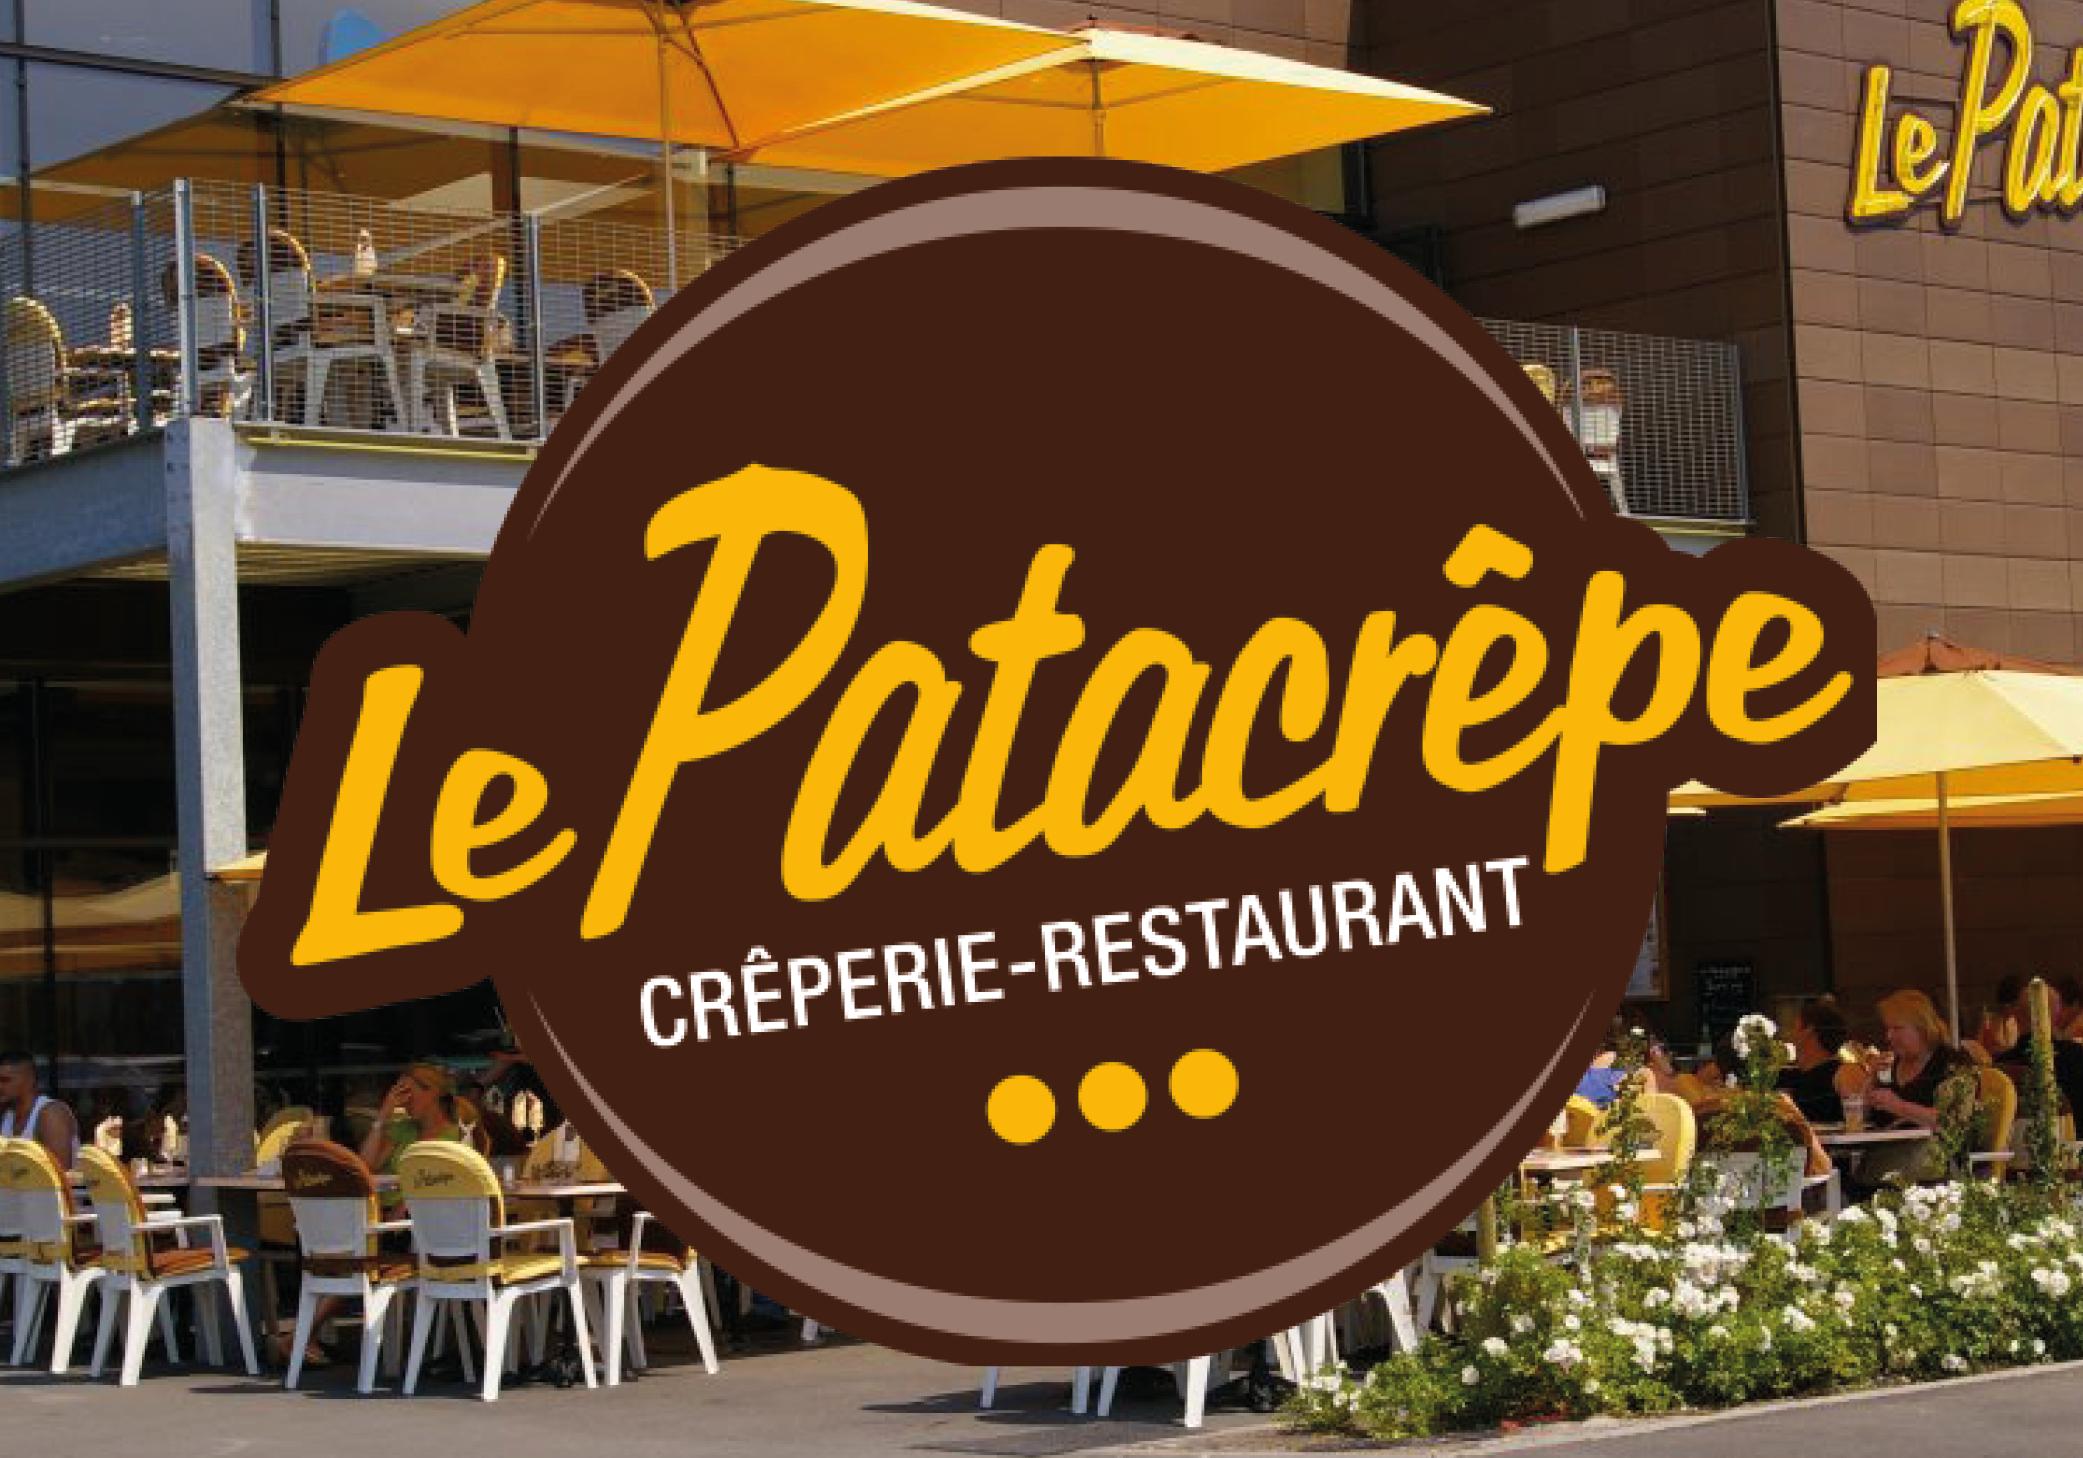 Le Patacrêpe Lille